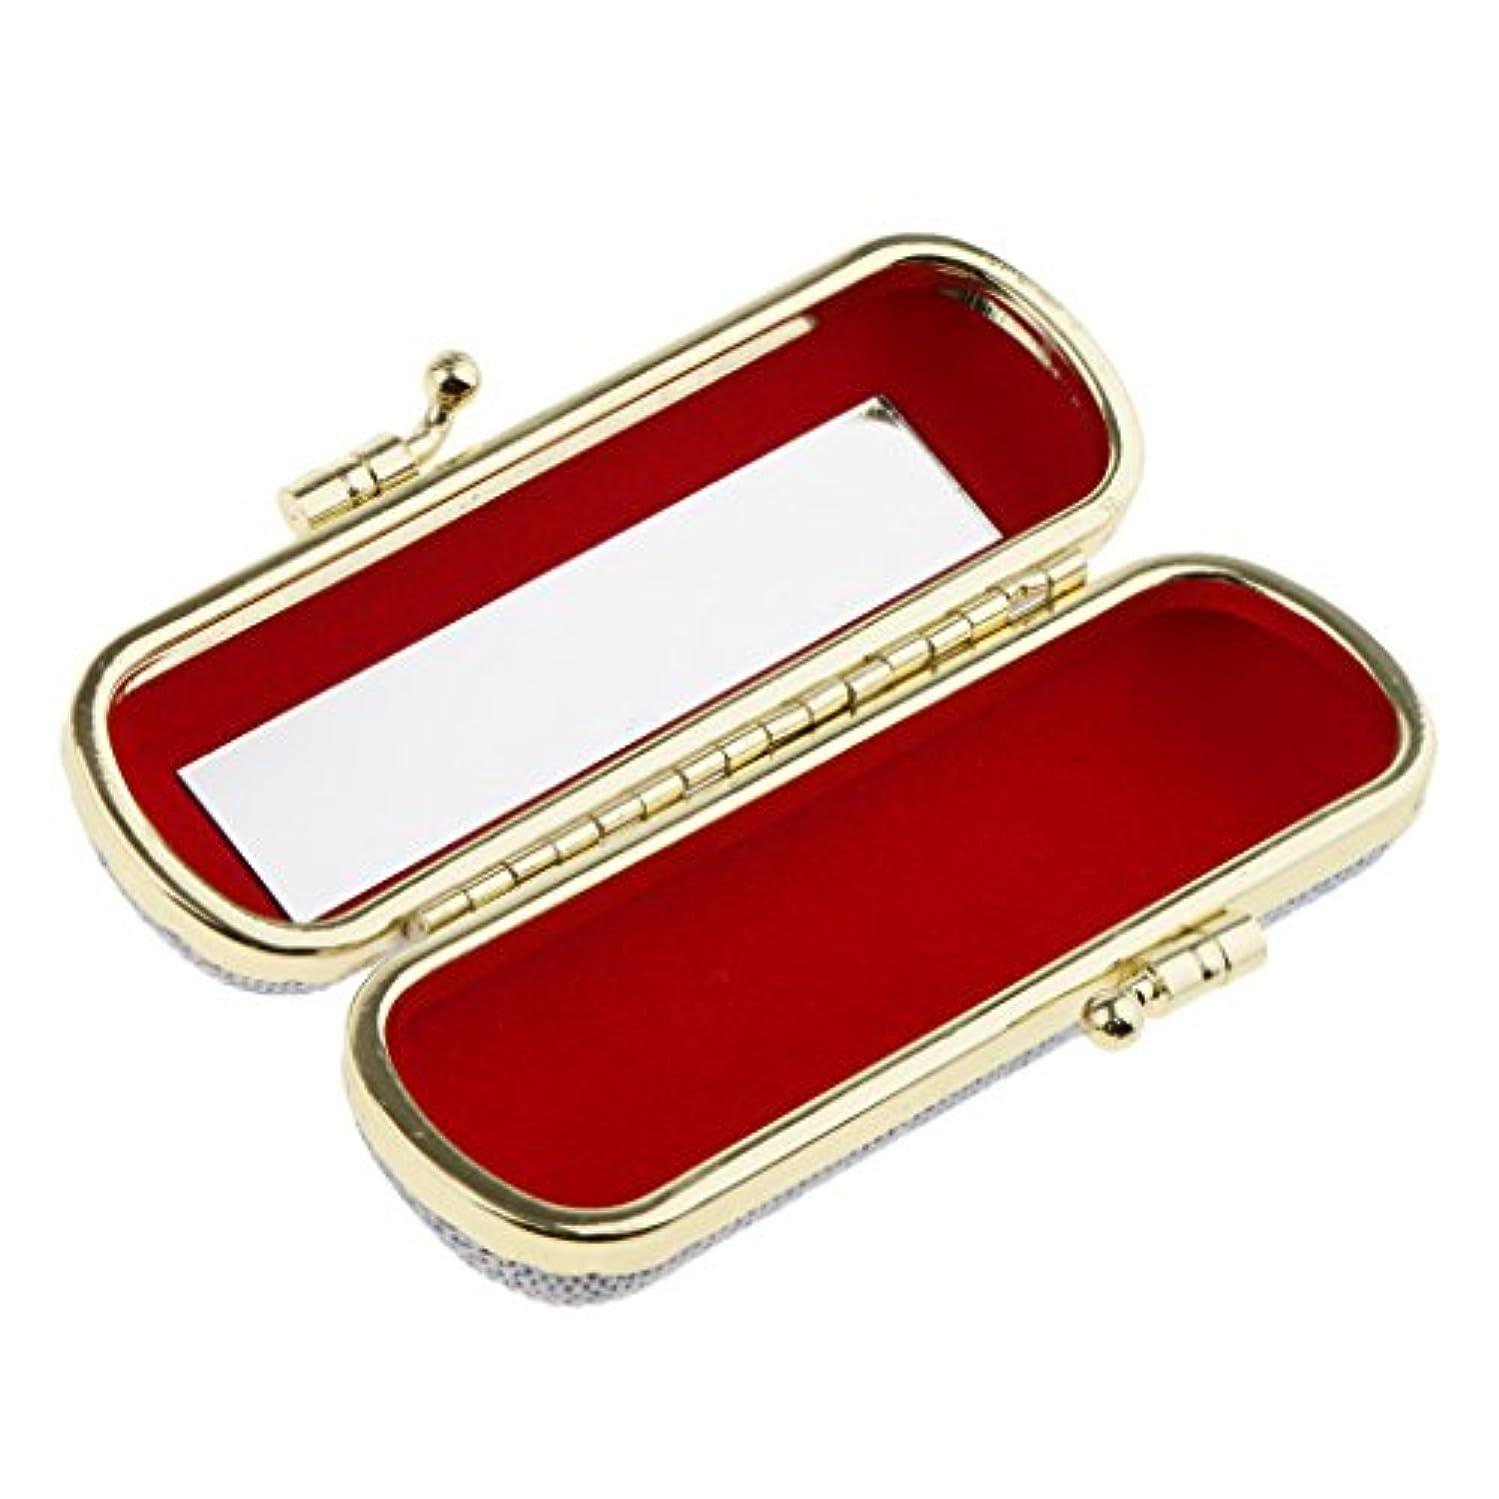 ジムトランジスタ冊子化粧ポーチ 口紅ホルダー リップスティック リップグロス 収納ケース ミラー付き 小物入り メイクアップ ランダム色 - #3